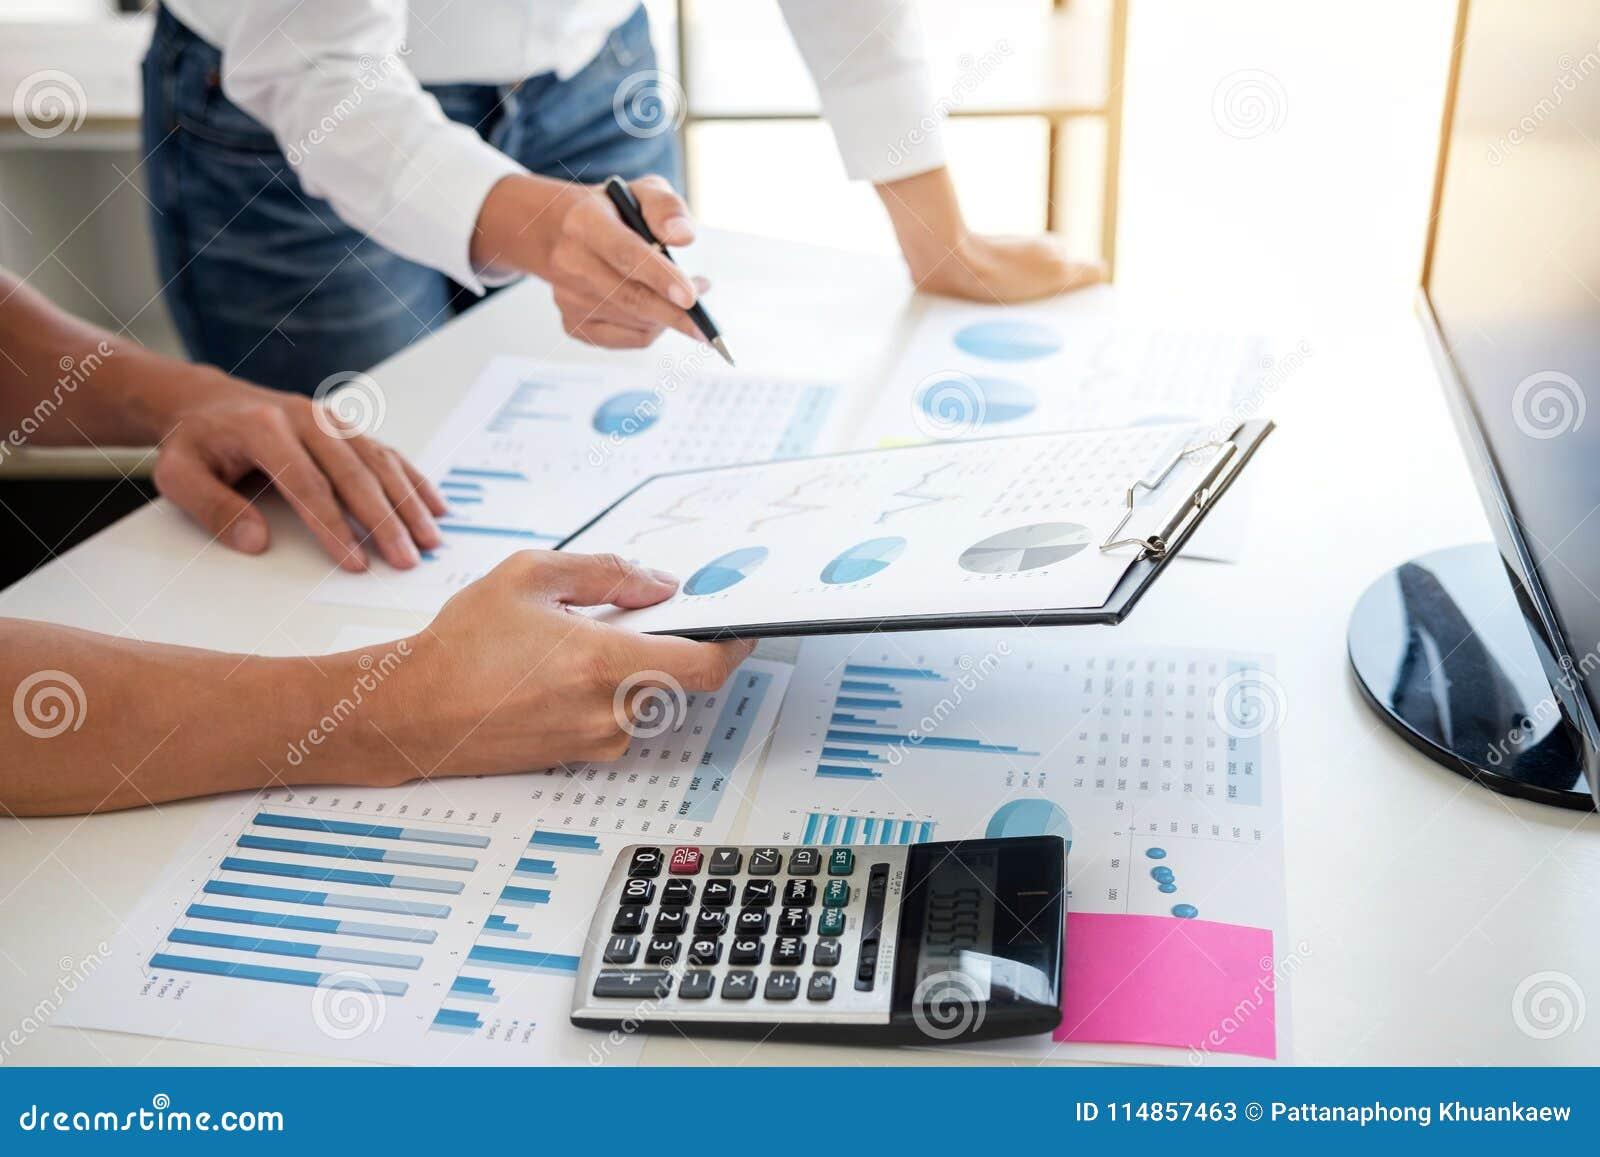 企业会计银行业务,商务伙伴提供计算